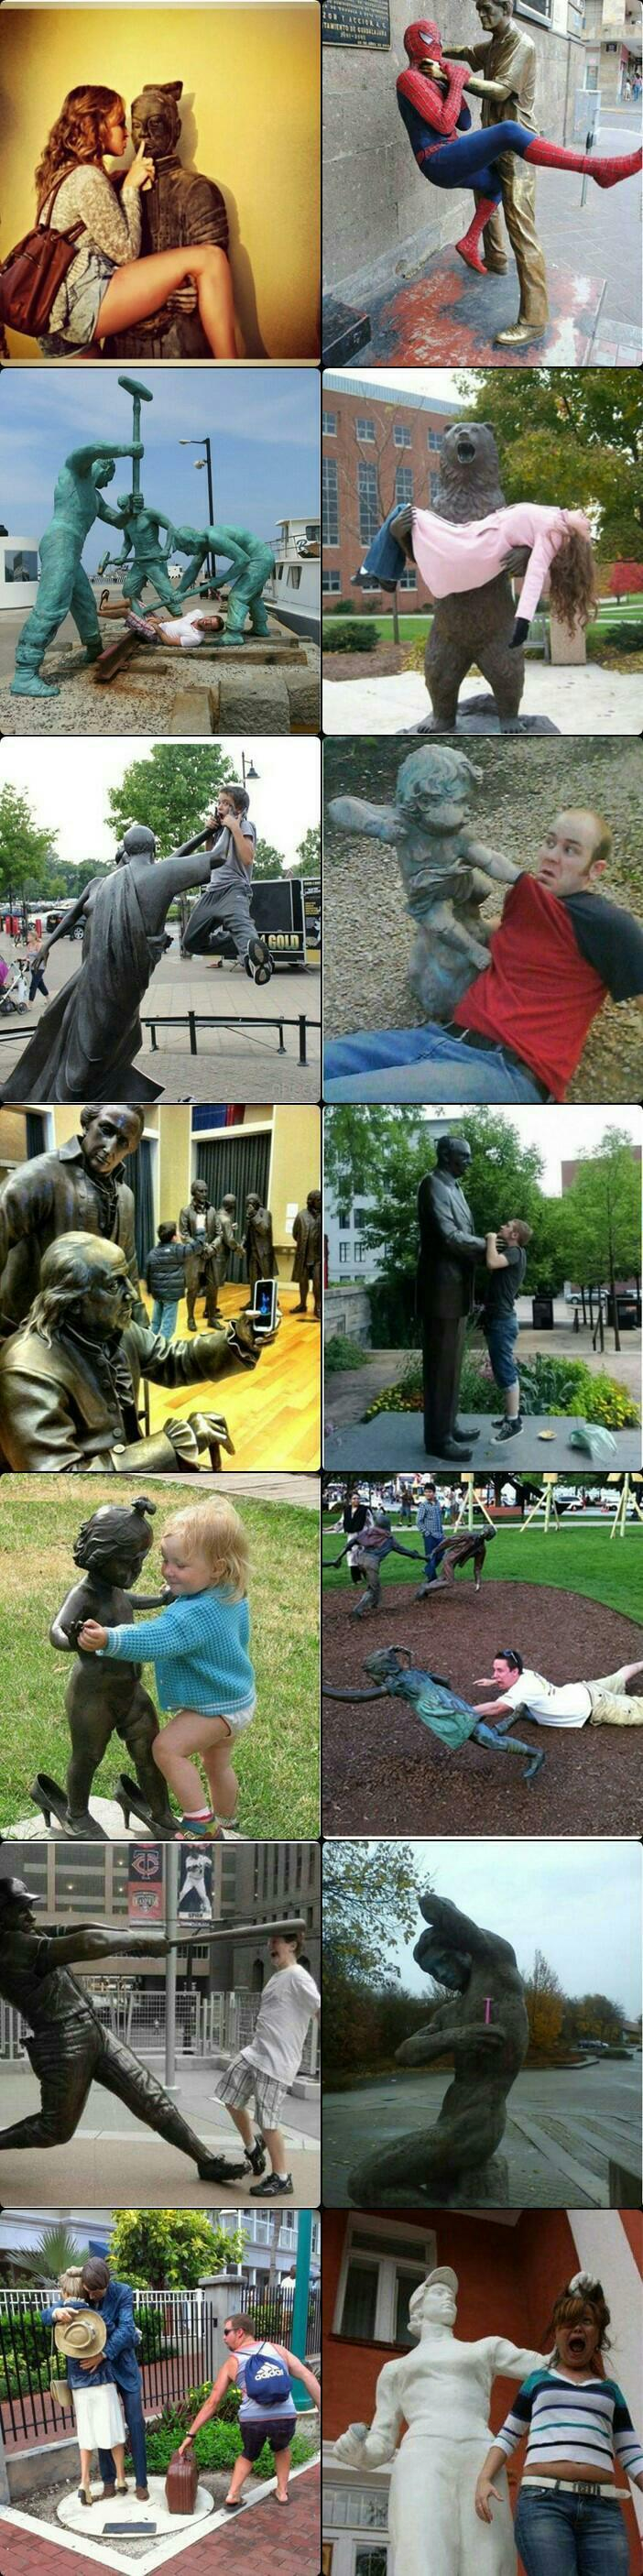 동상과 유쾌한 사진 찍는 법